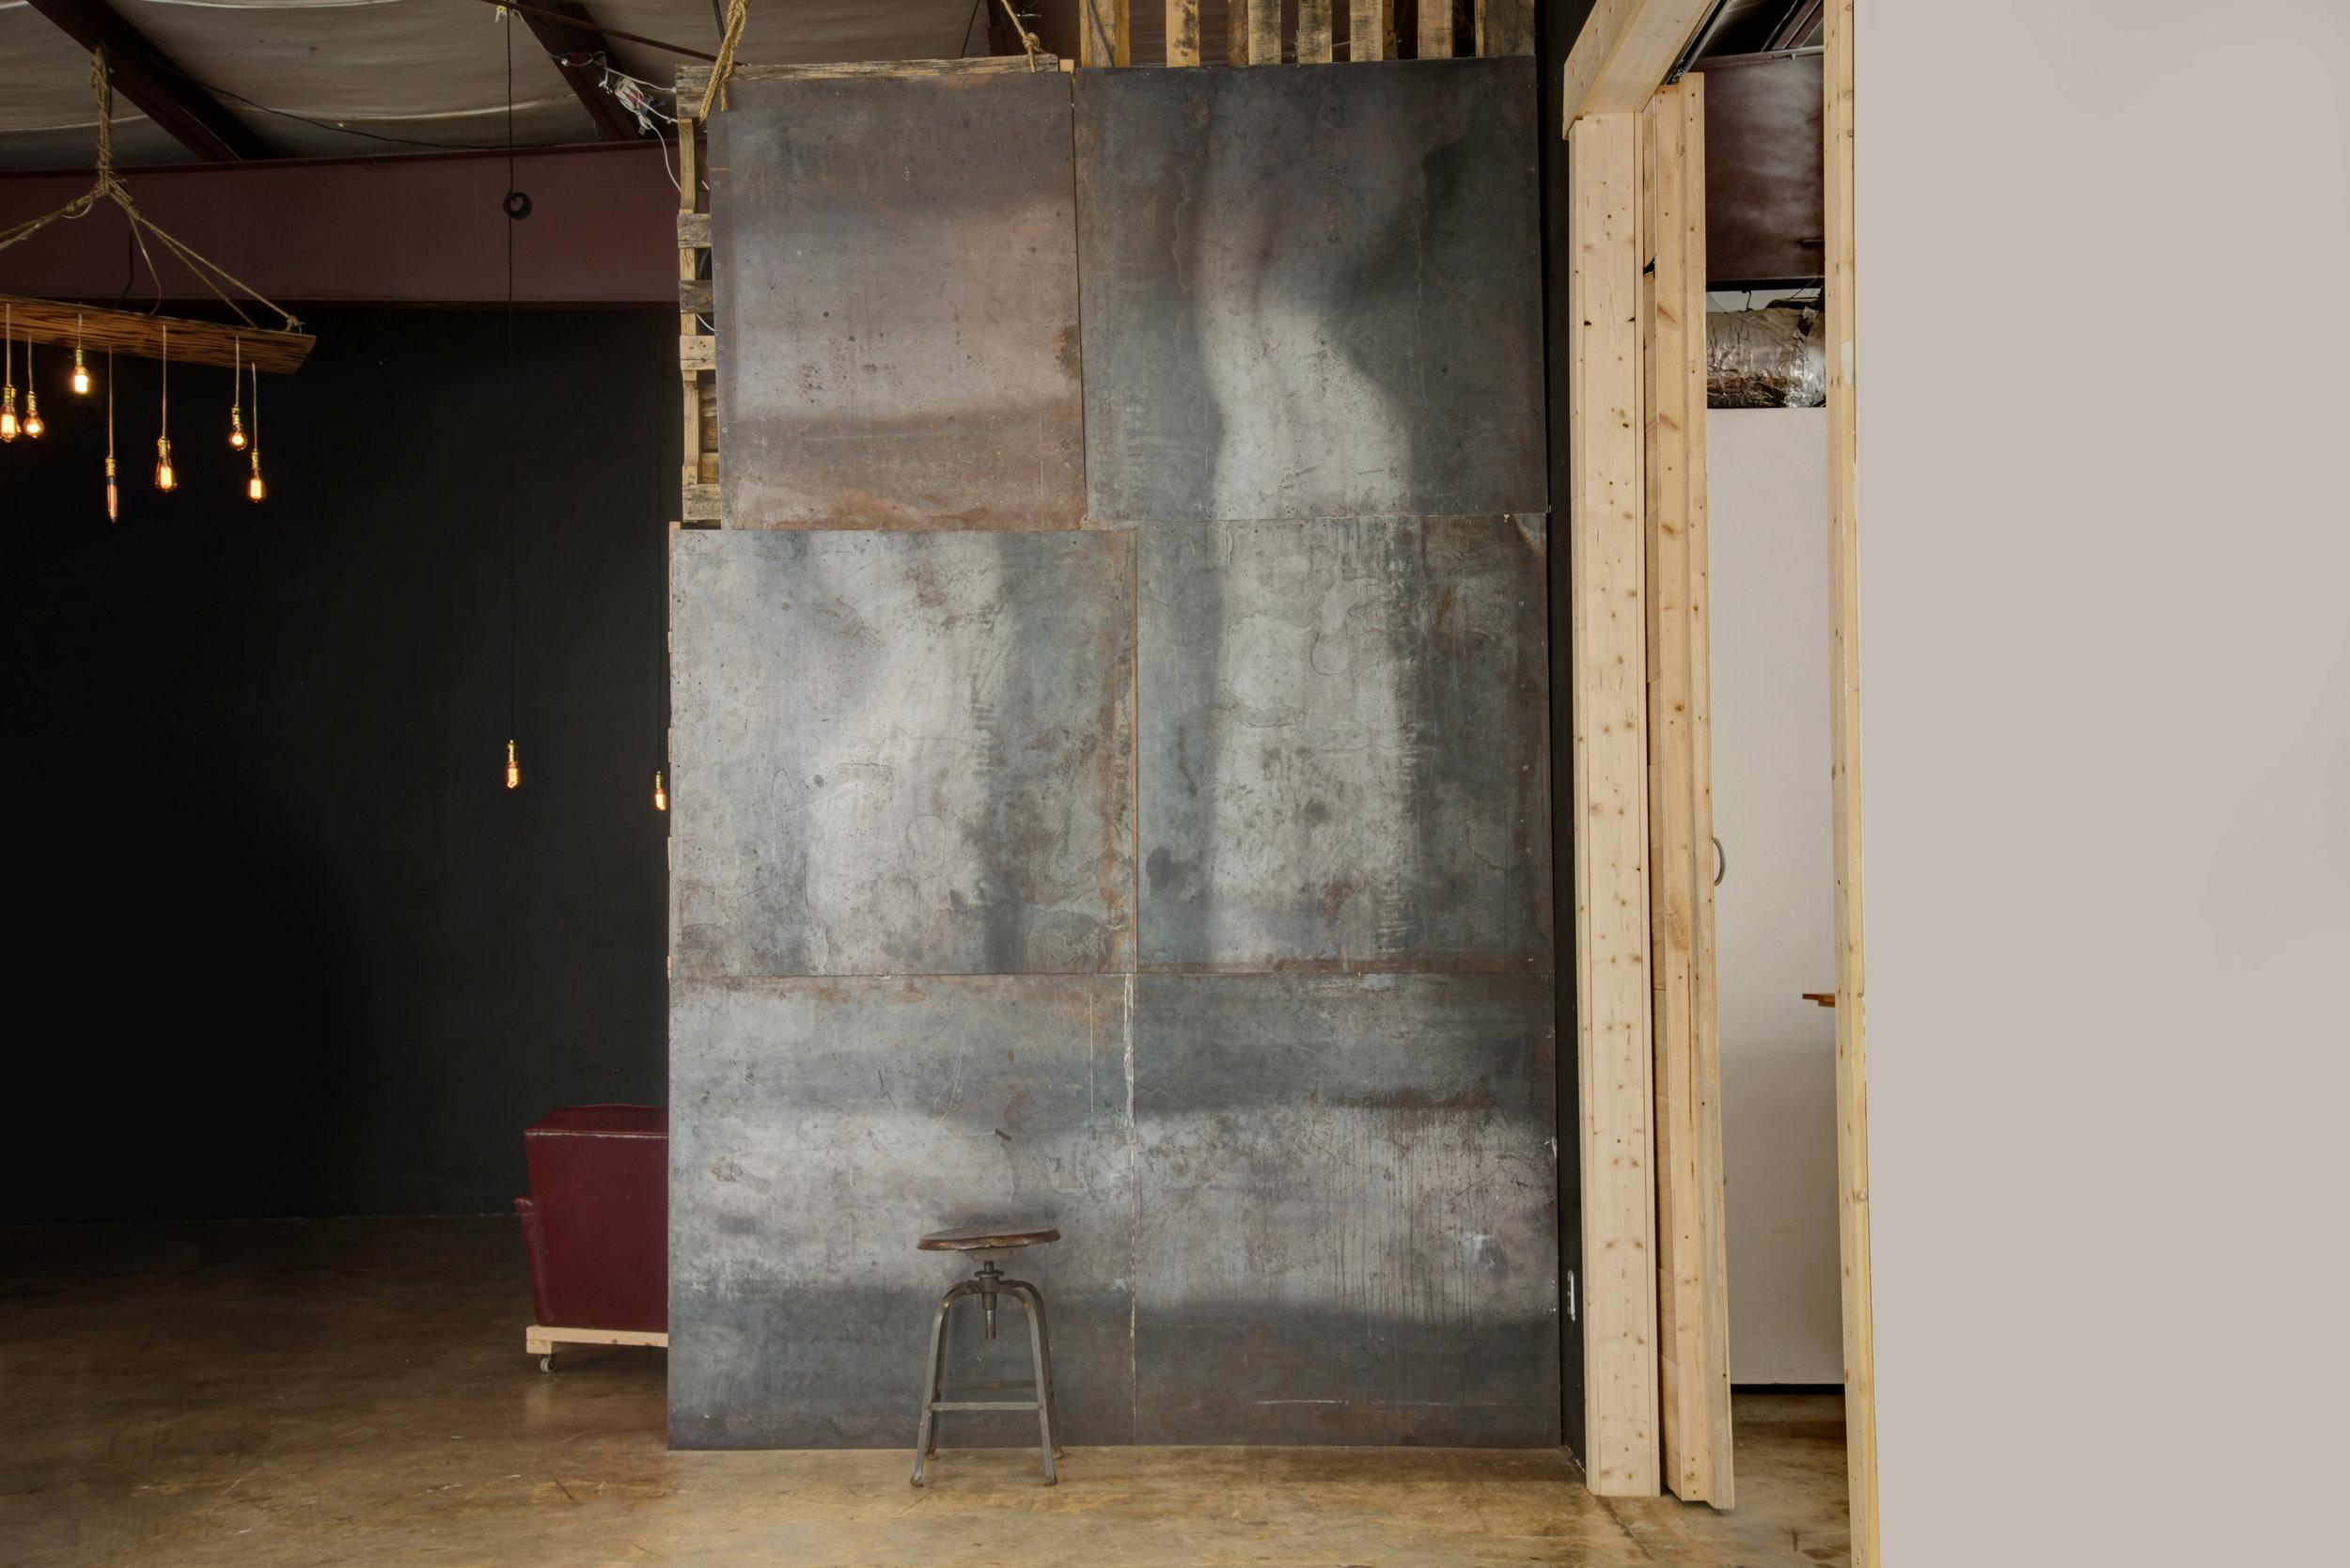 East metal wall texture.jpg